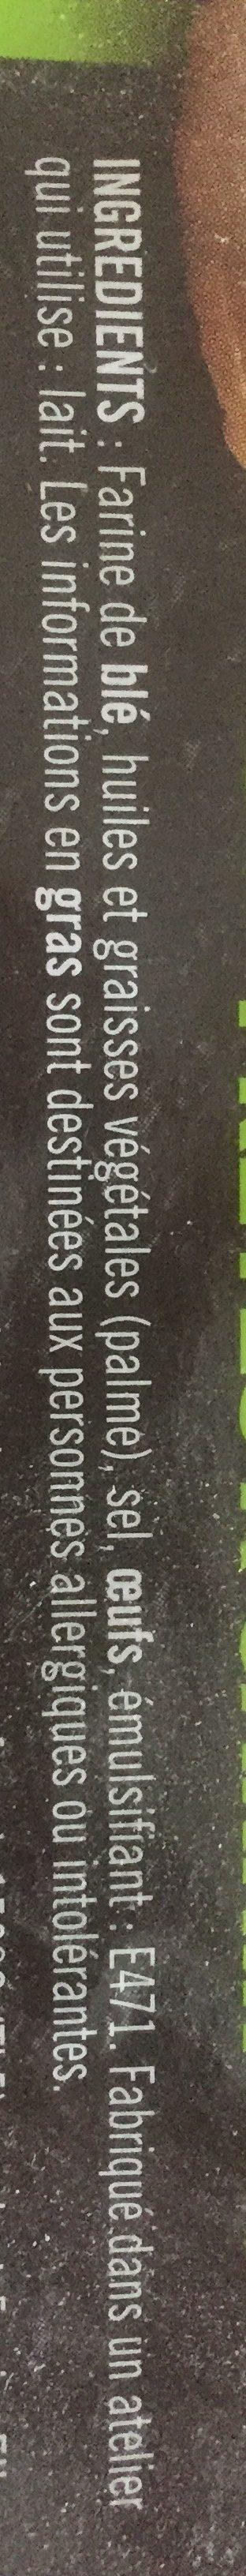 Mini bouchées feuilletées prêtes à garnir, la barquettes de - Ingrédients - fr